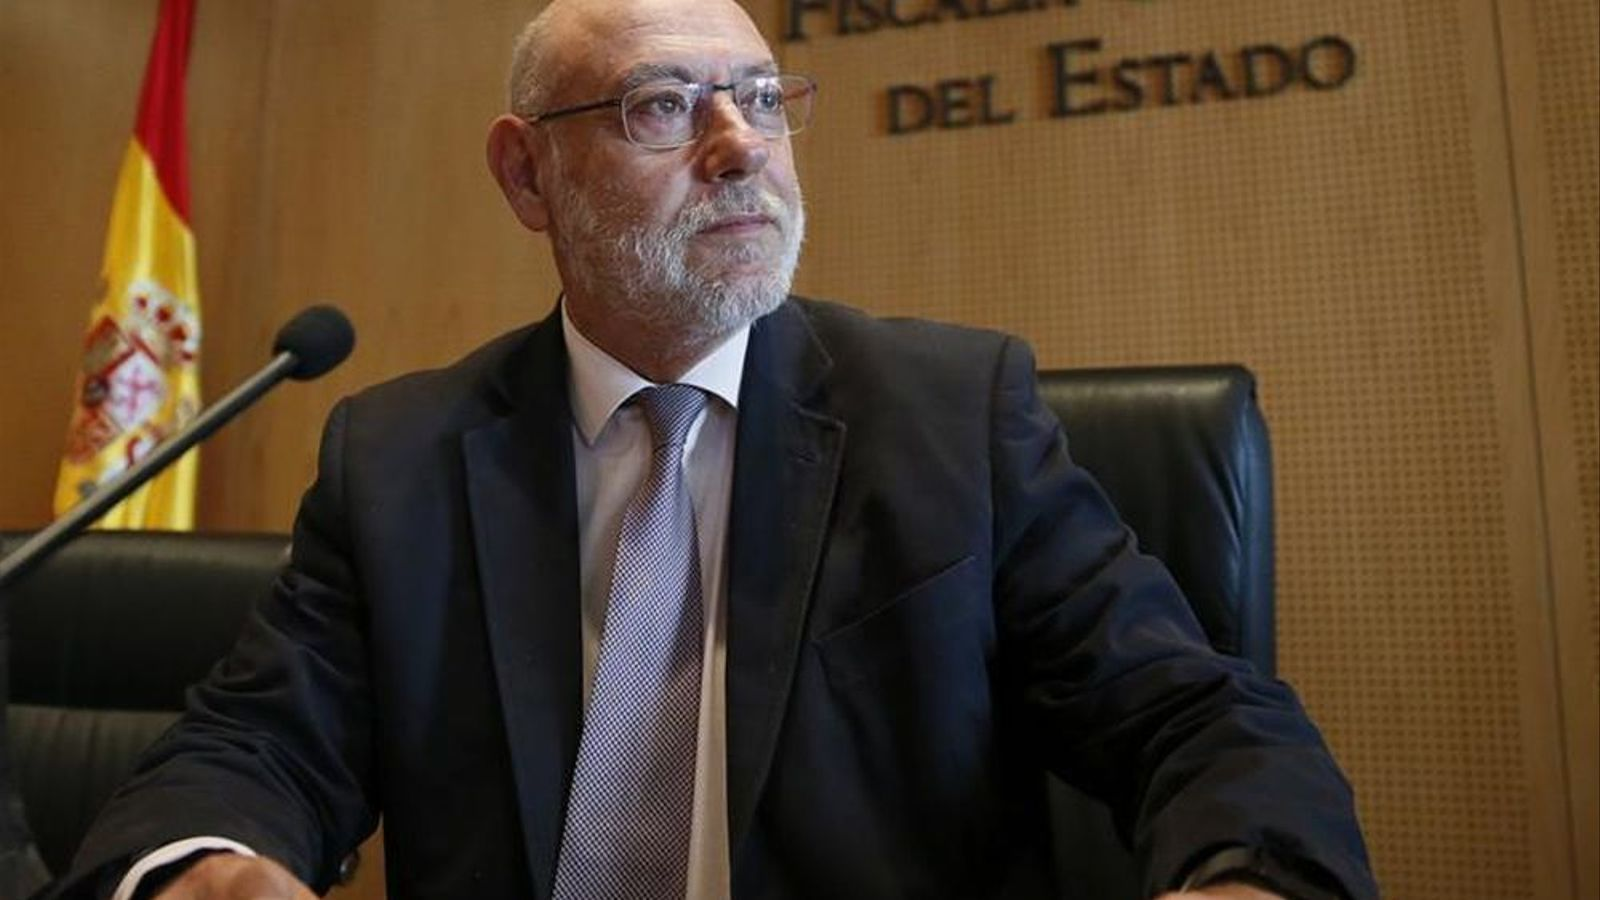 """Maza adverteix que la Fiscalia actuarà """"sense complexes"""" contra els voluntaris del referèndum si s'incompleix la Llei"""